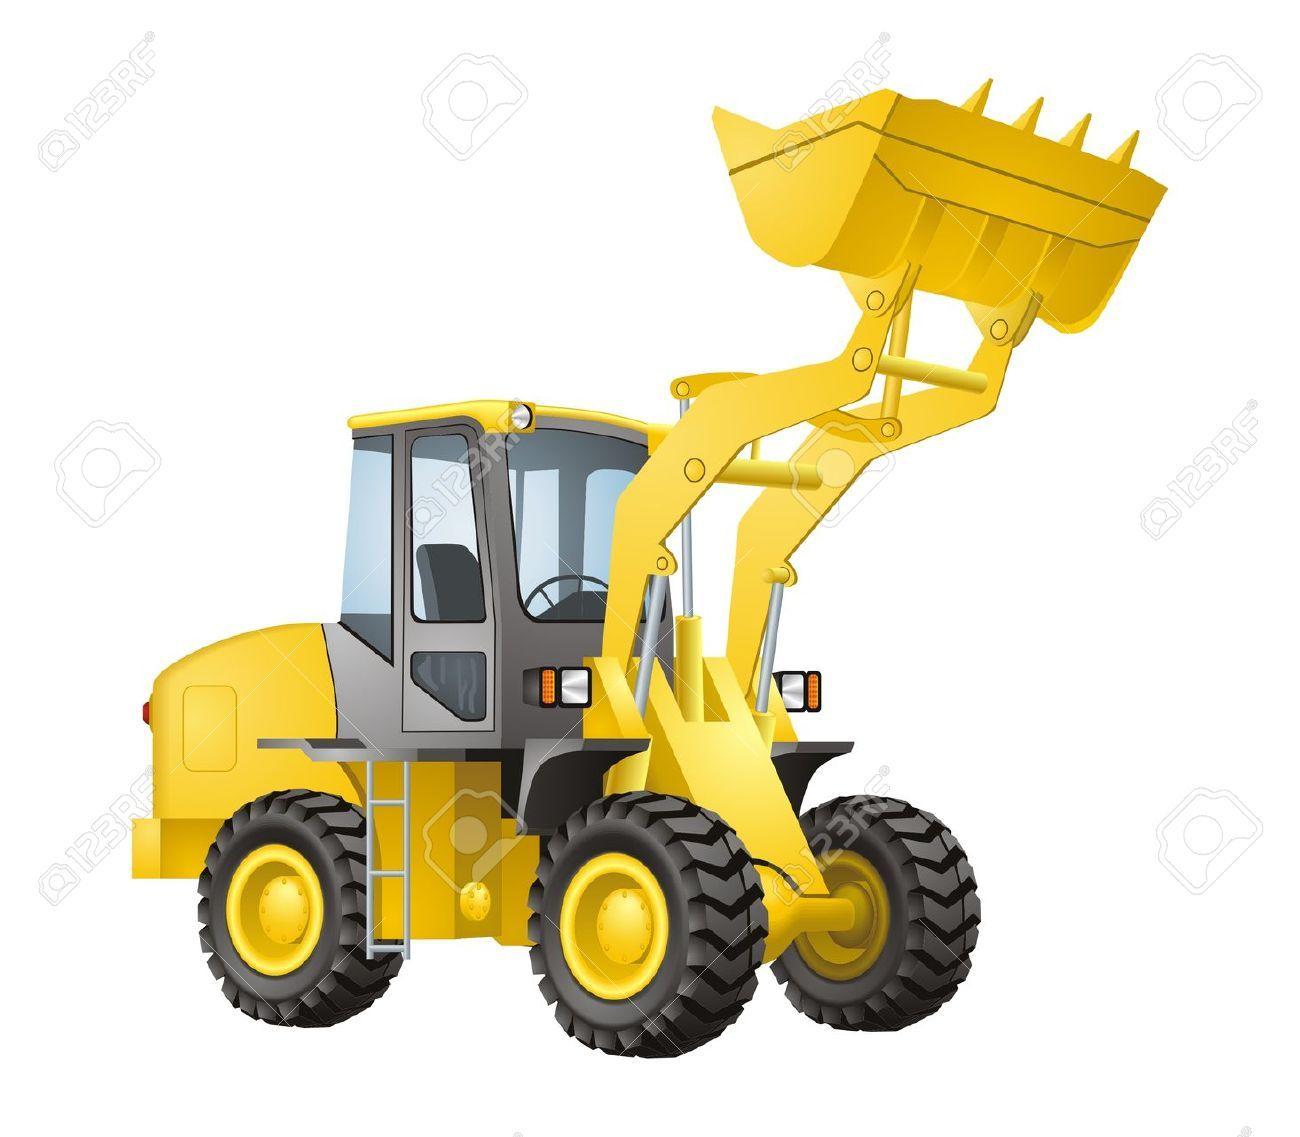 Excavator vector Stock Vector | Caterpillar equipment ...